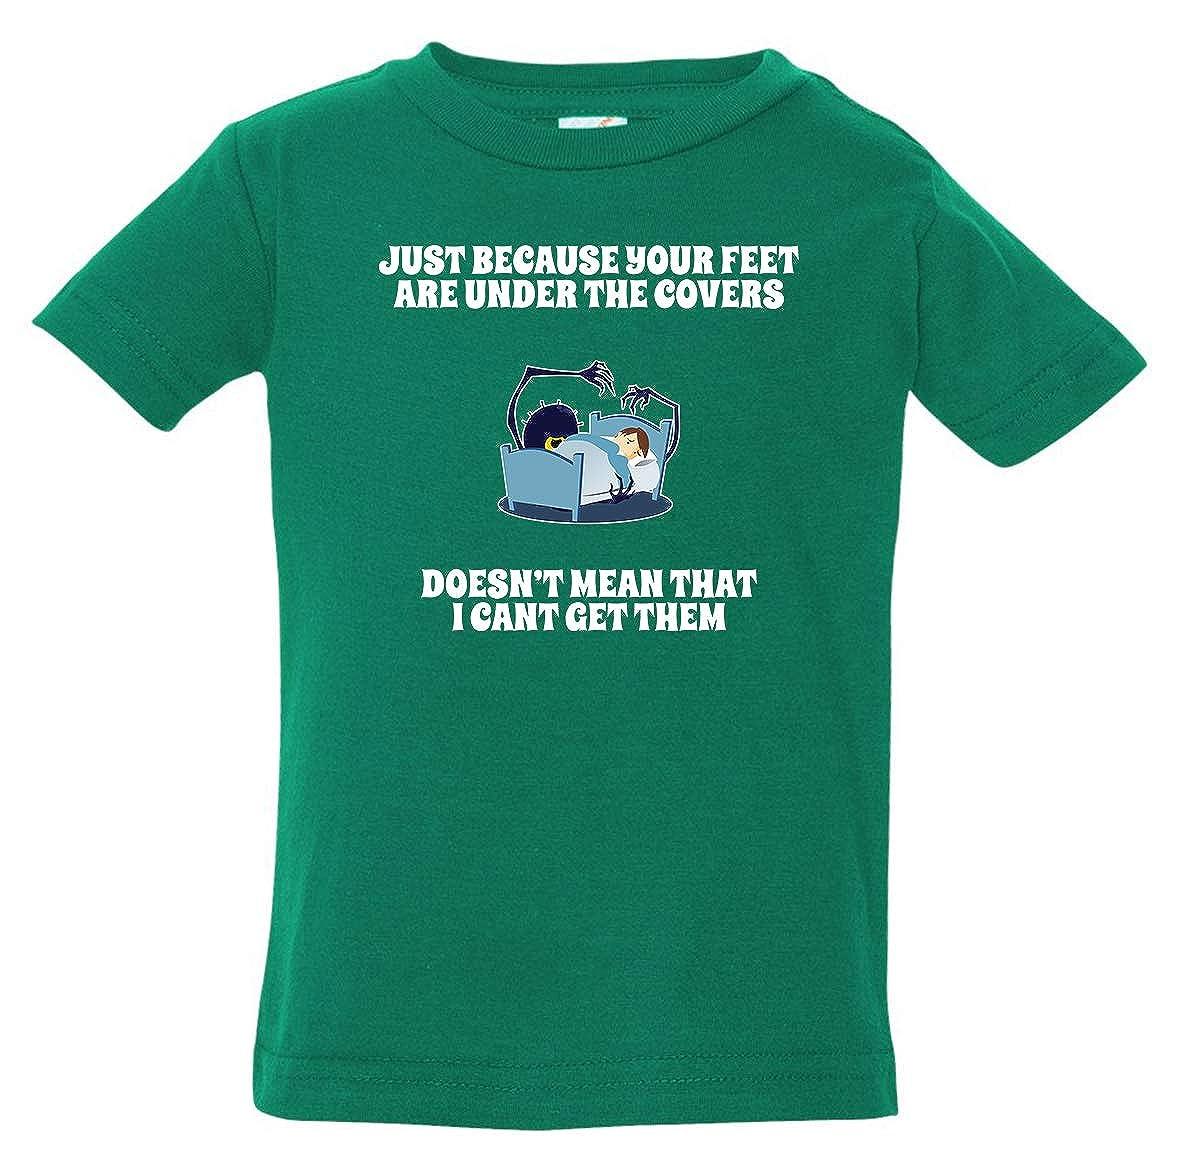 Tenacitee Babys Covers Wont Save You Shirt